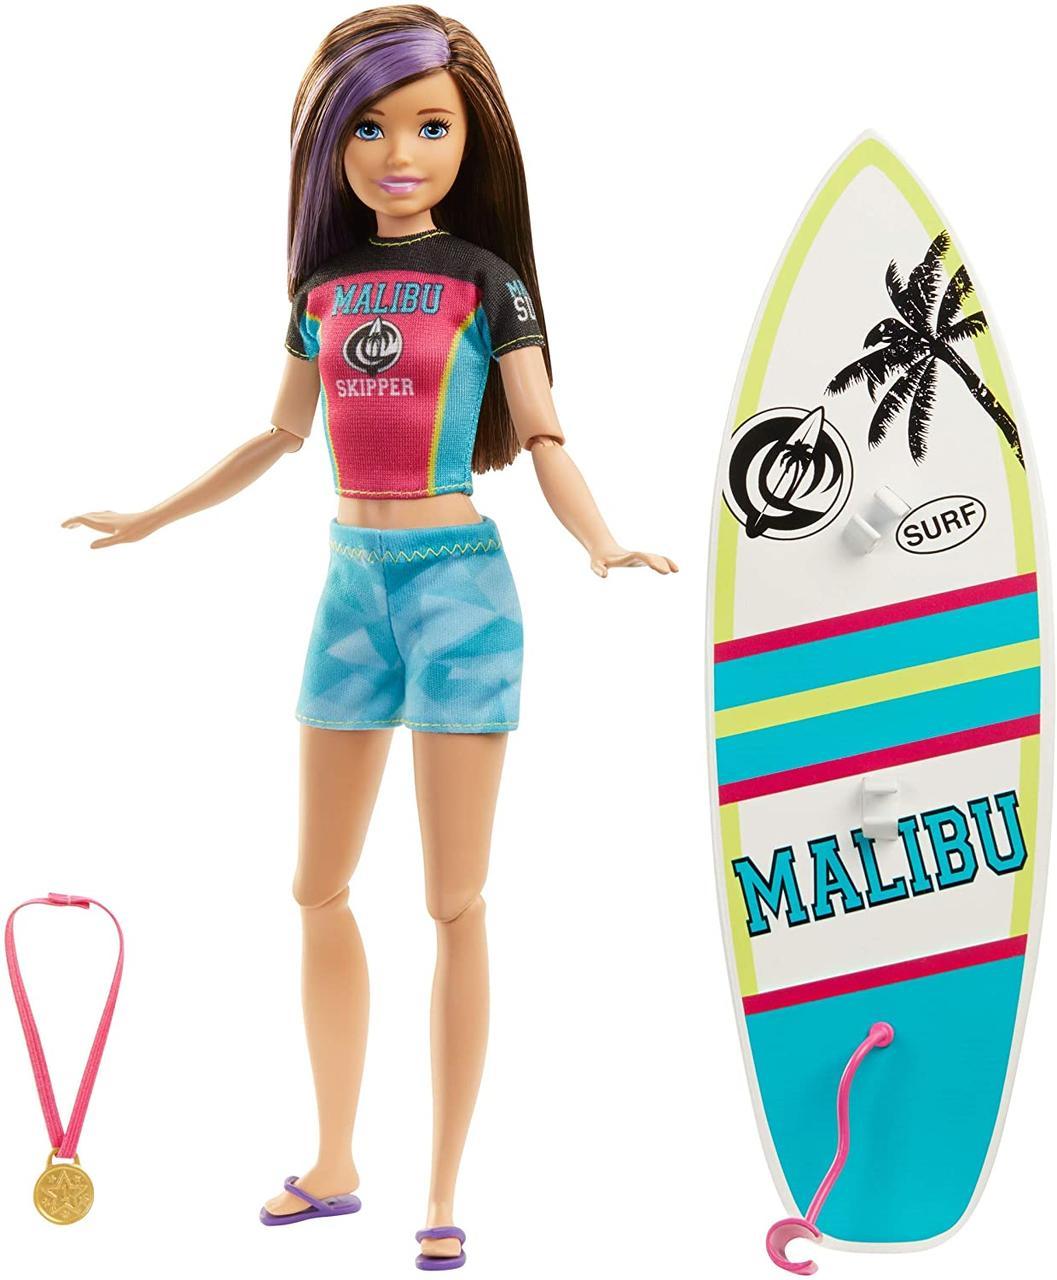 Оригинальная Кукла Барби с доской для серфинга и аксессуарами (GHK36) (887961795226)